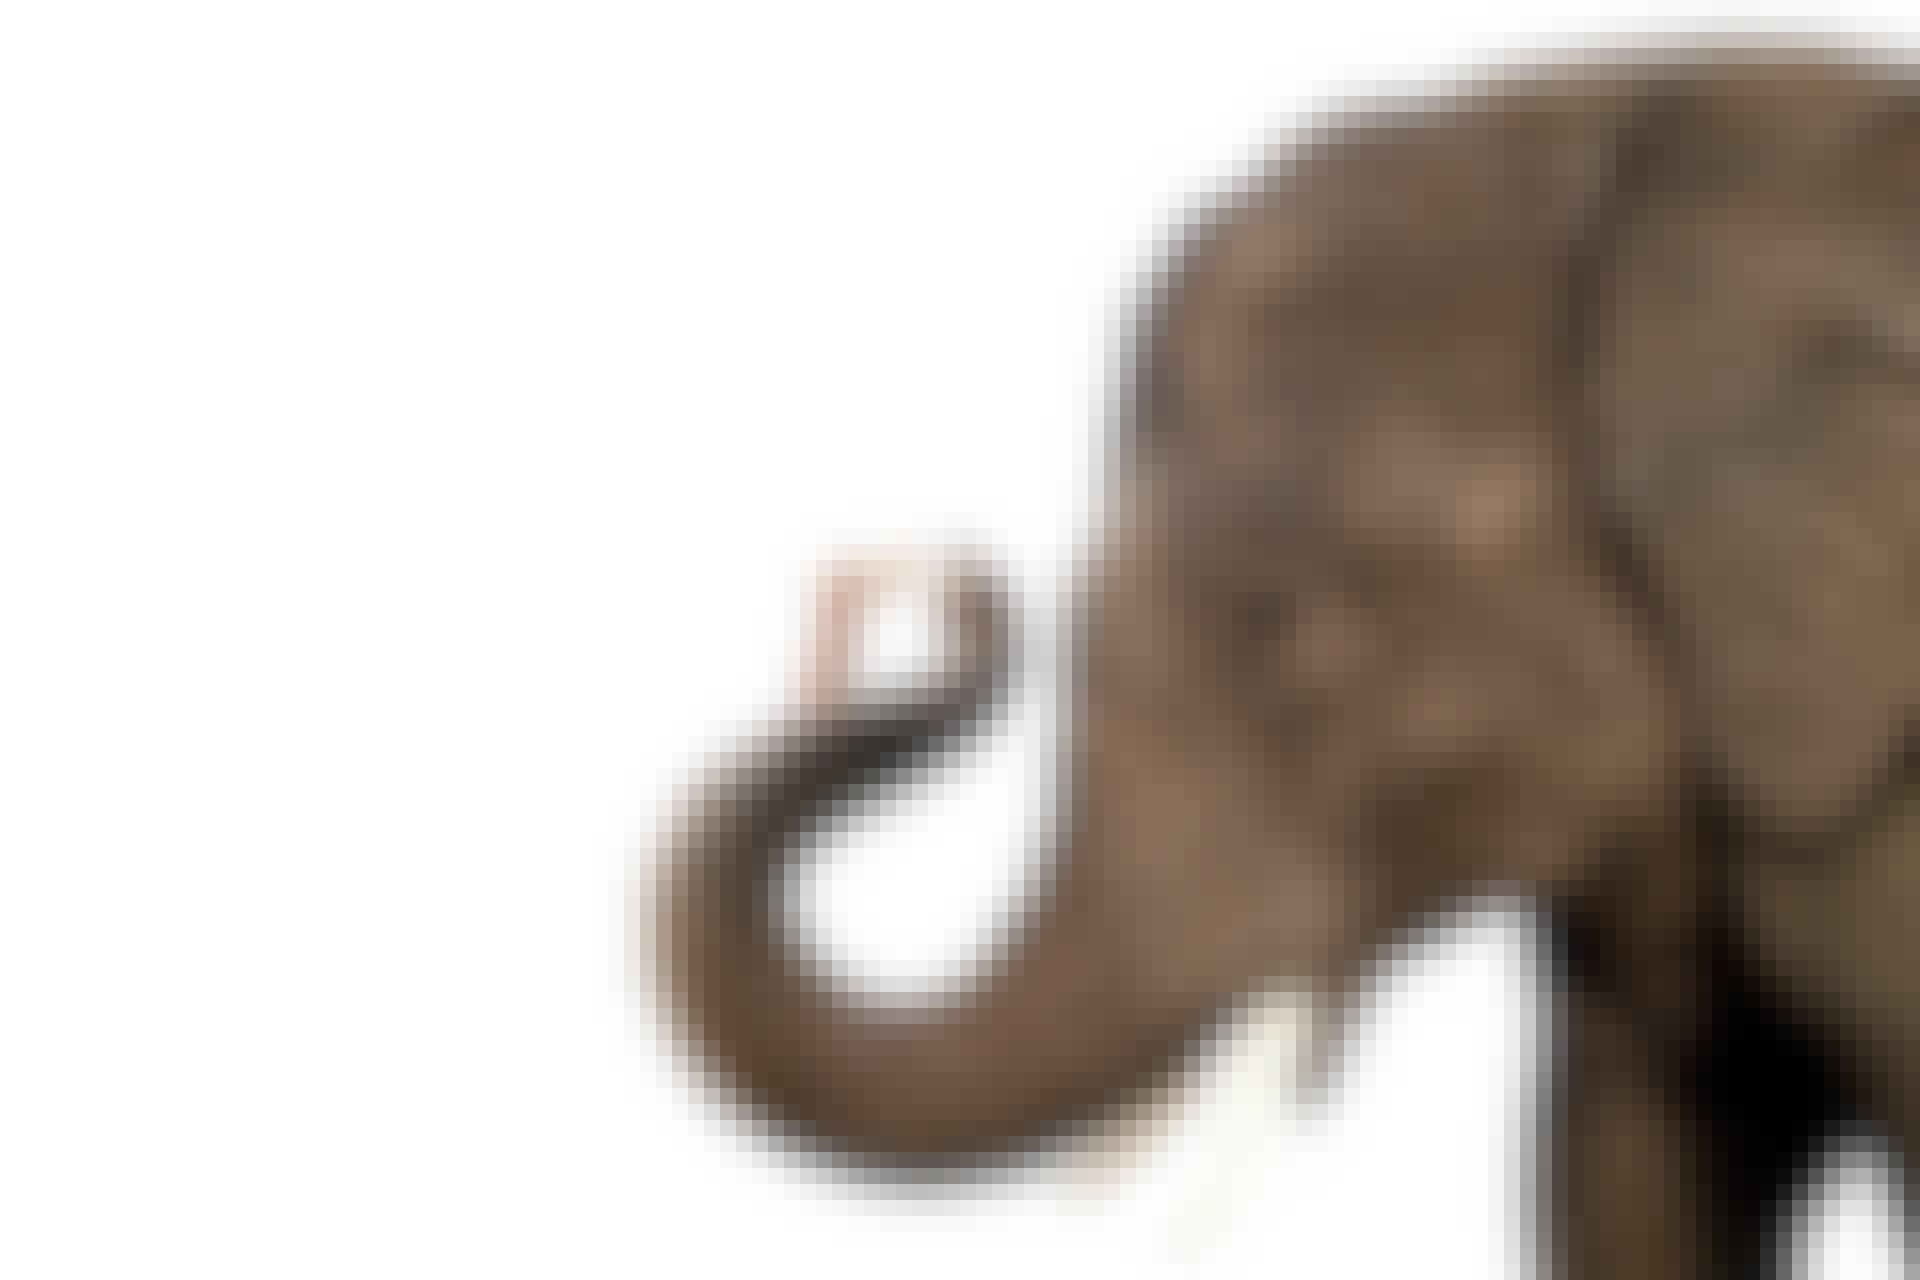 Mouse feeding elephant